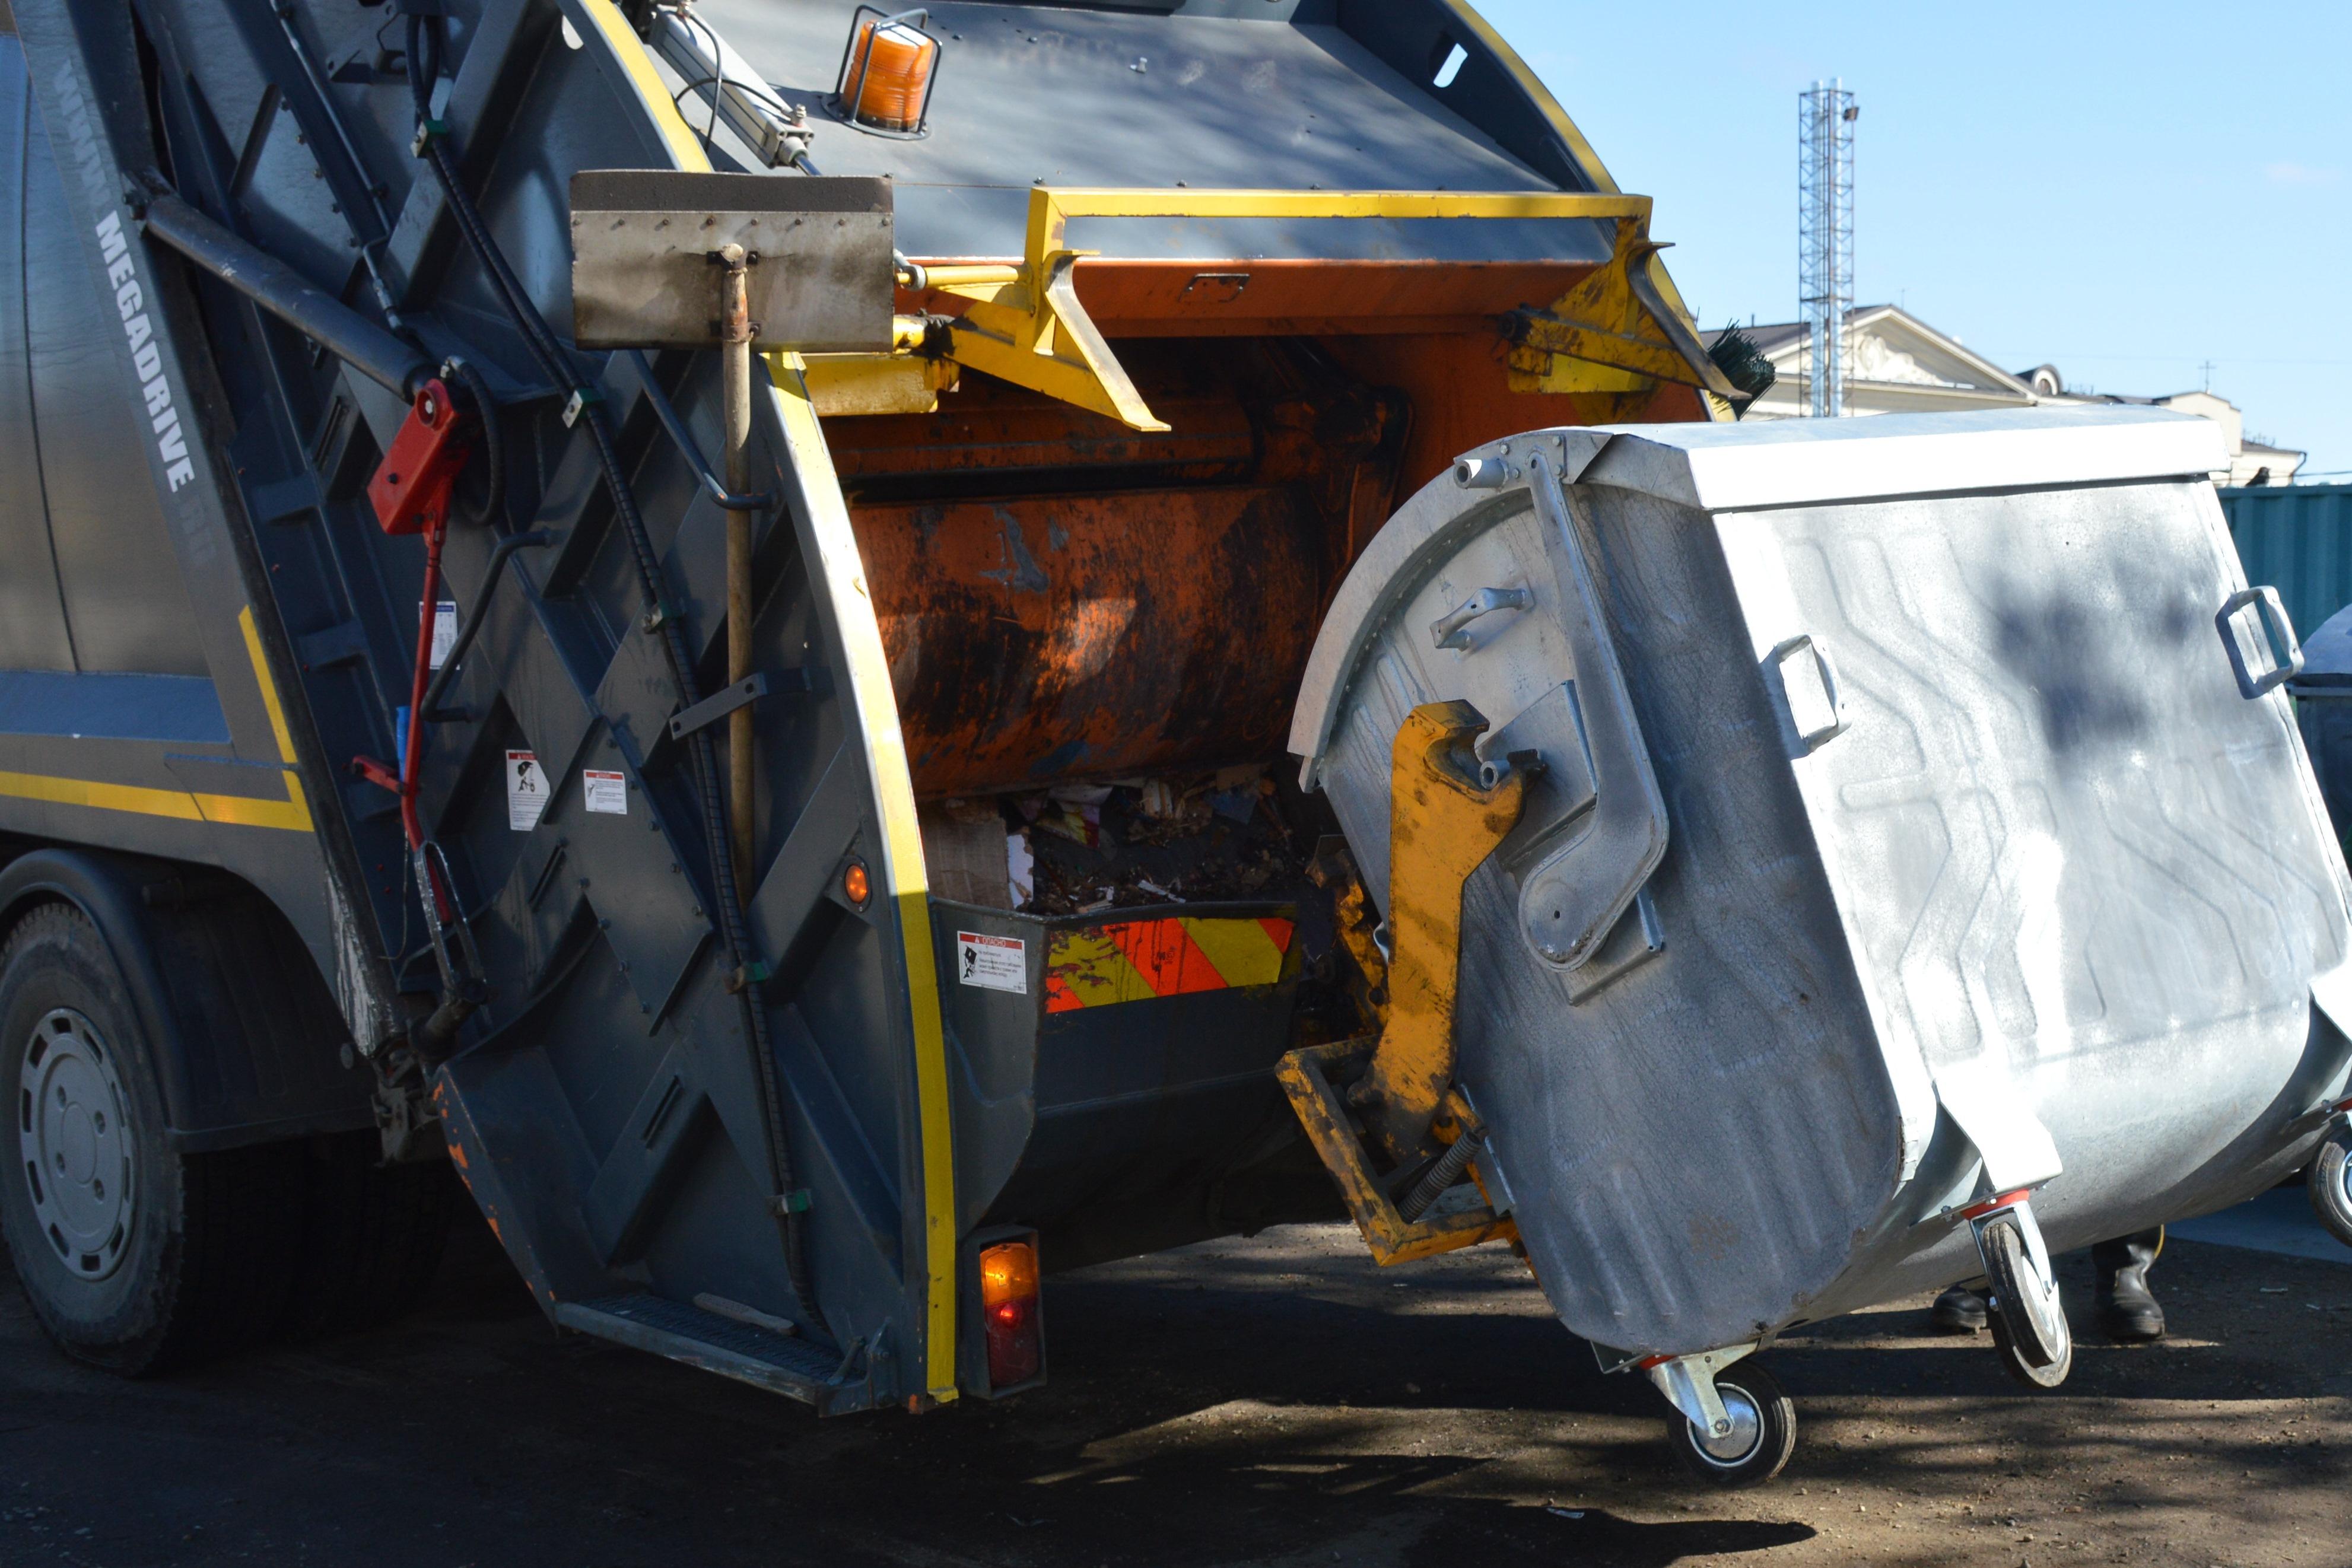 Ярославская область вошла в число регионов с наименьшими тарифами за вывоз мусора